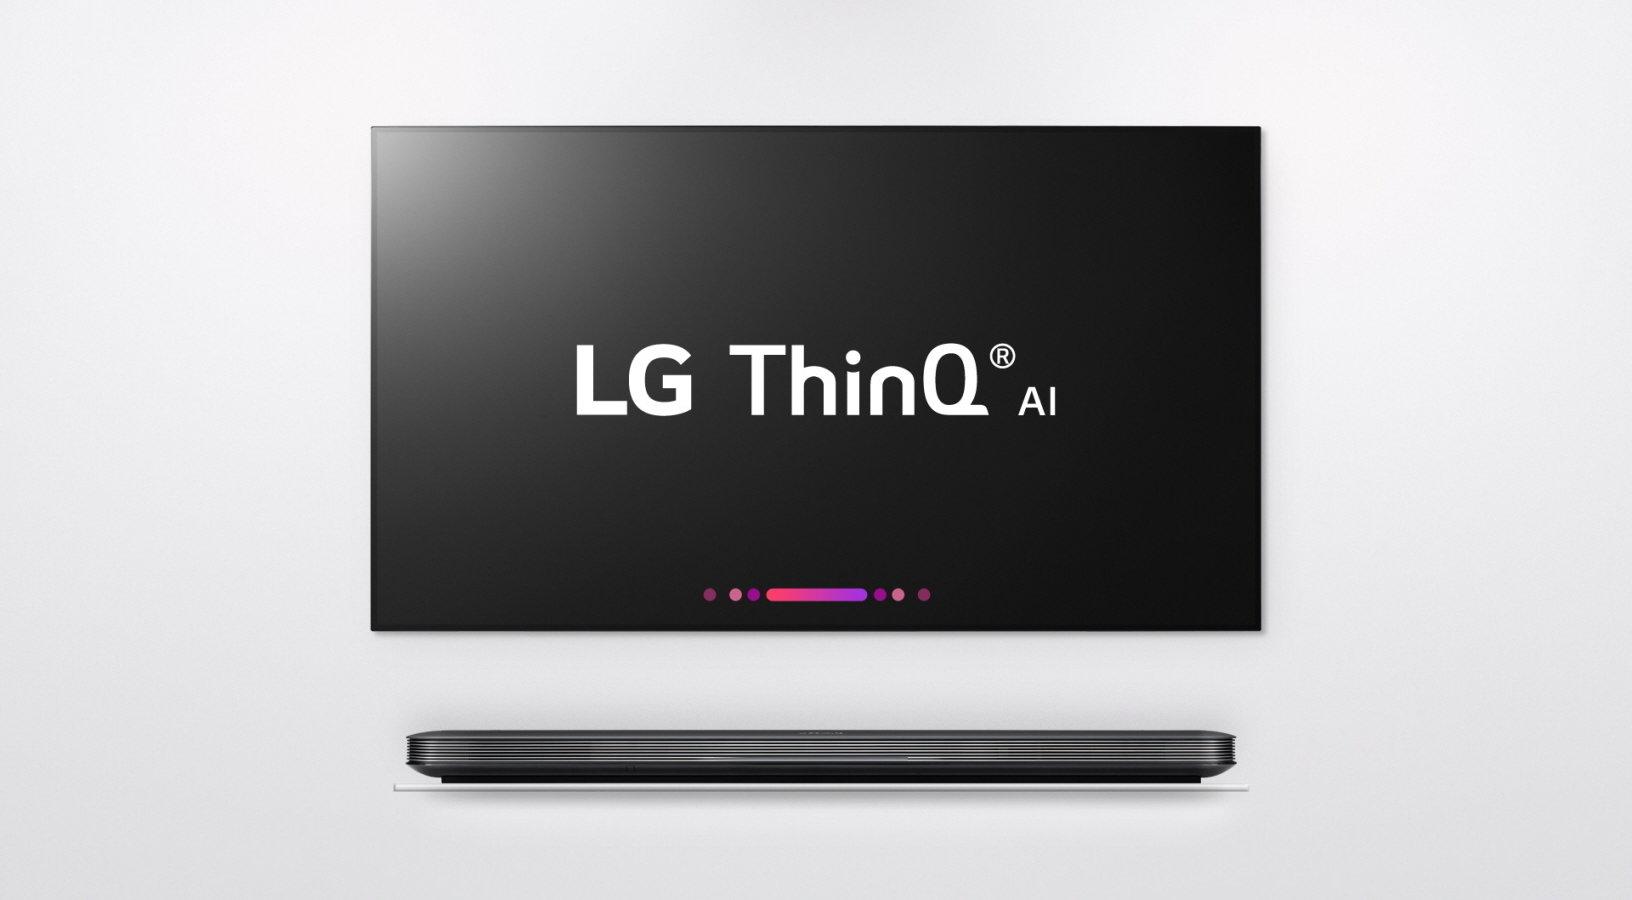 JAK DZIAŁA SZTUCZNA INTELIGENCJA W TELEWIZORACH  LG OLED TV ORAZ LG SUPER UHD TV?